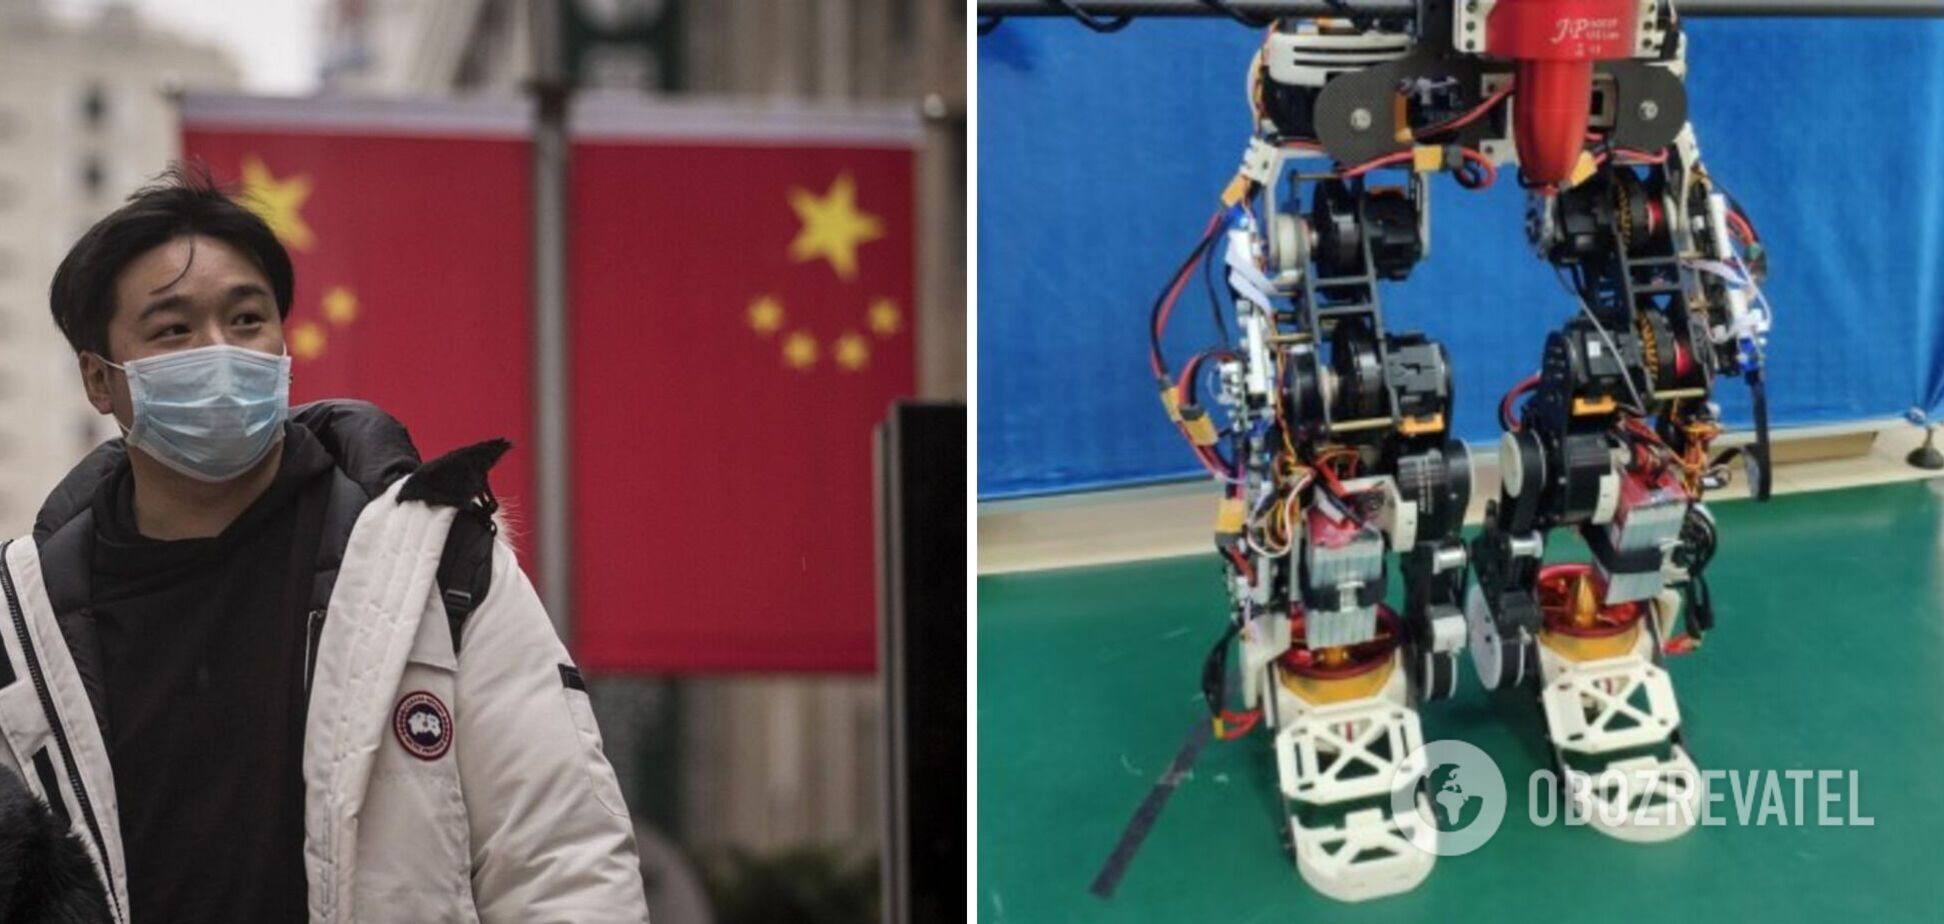 У Китаї створили робота, який може злітати: його будуть використовувати для порятунку людей. Відео